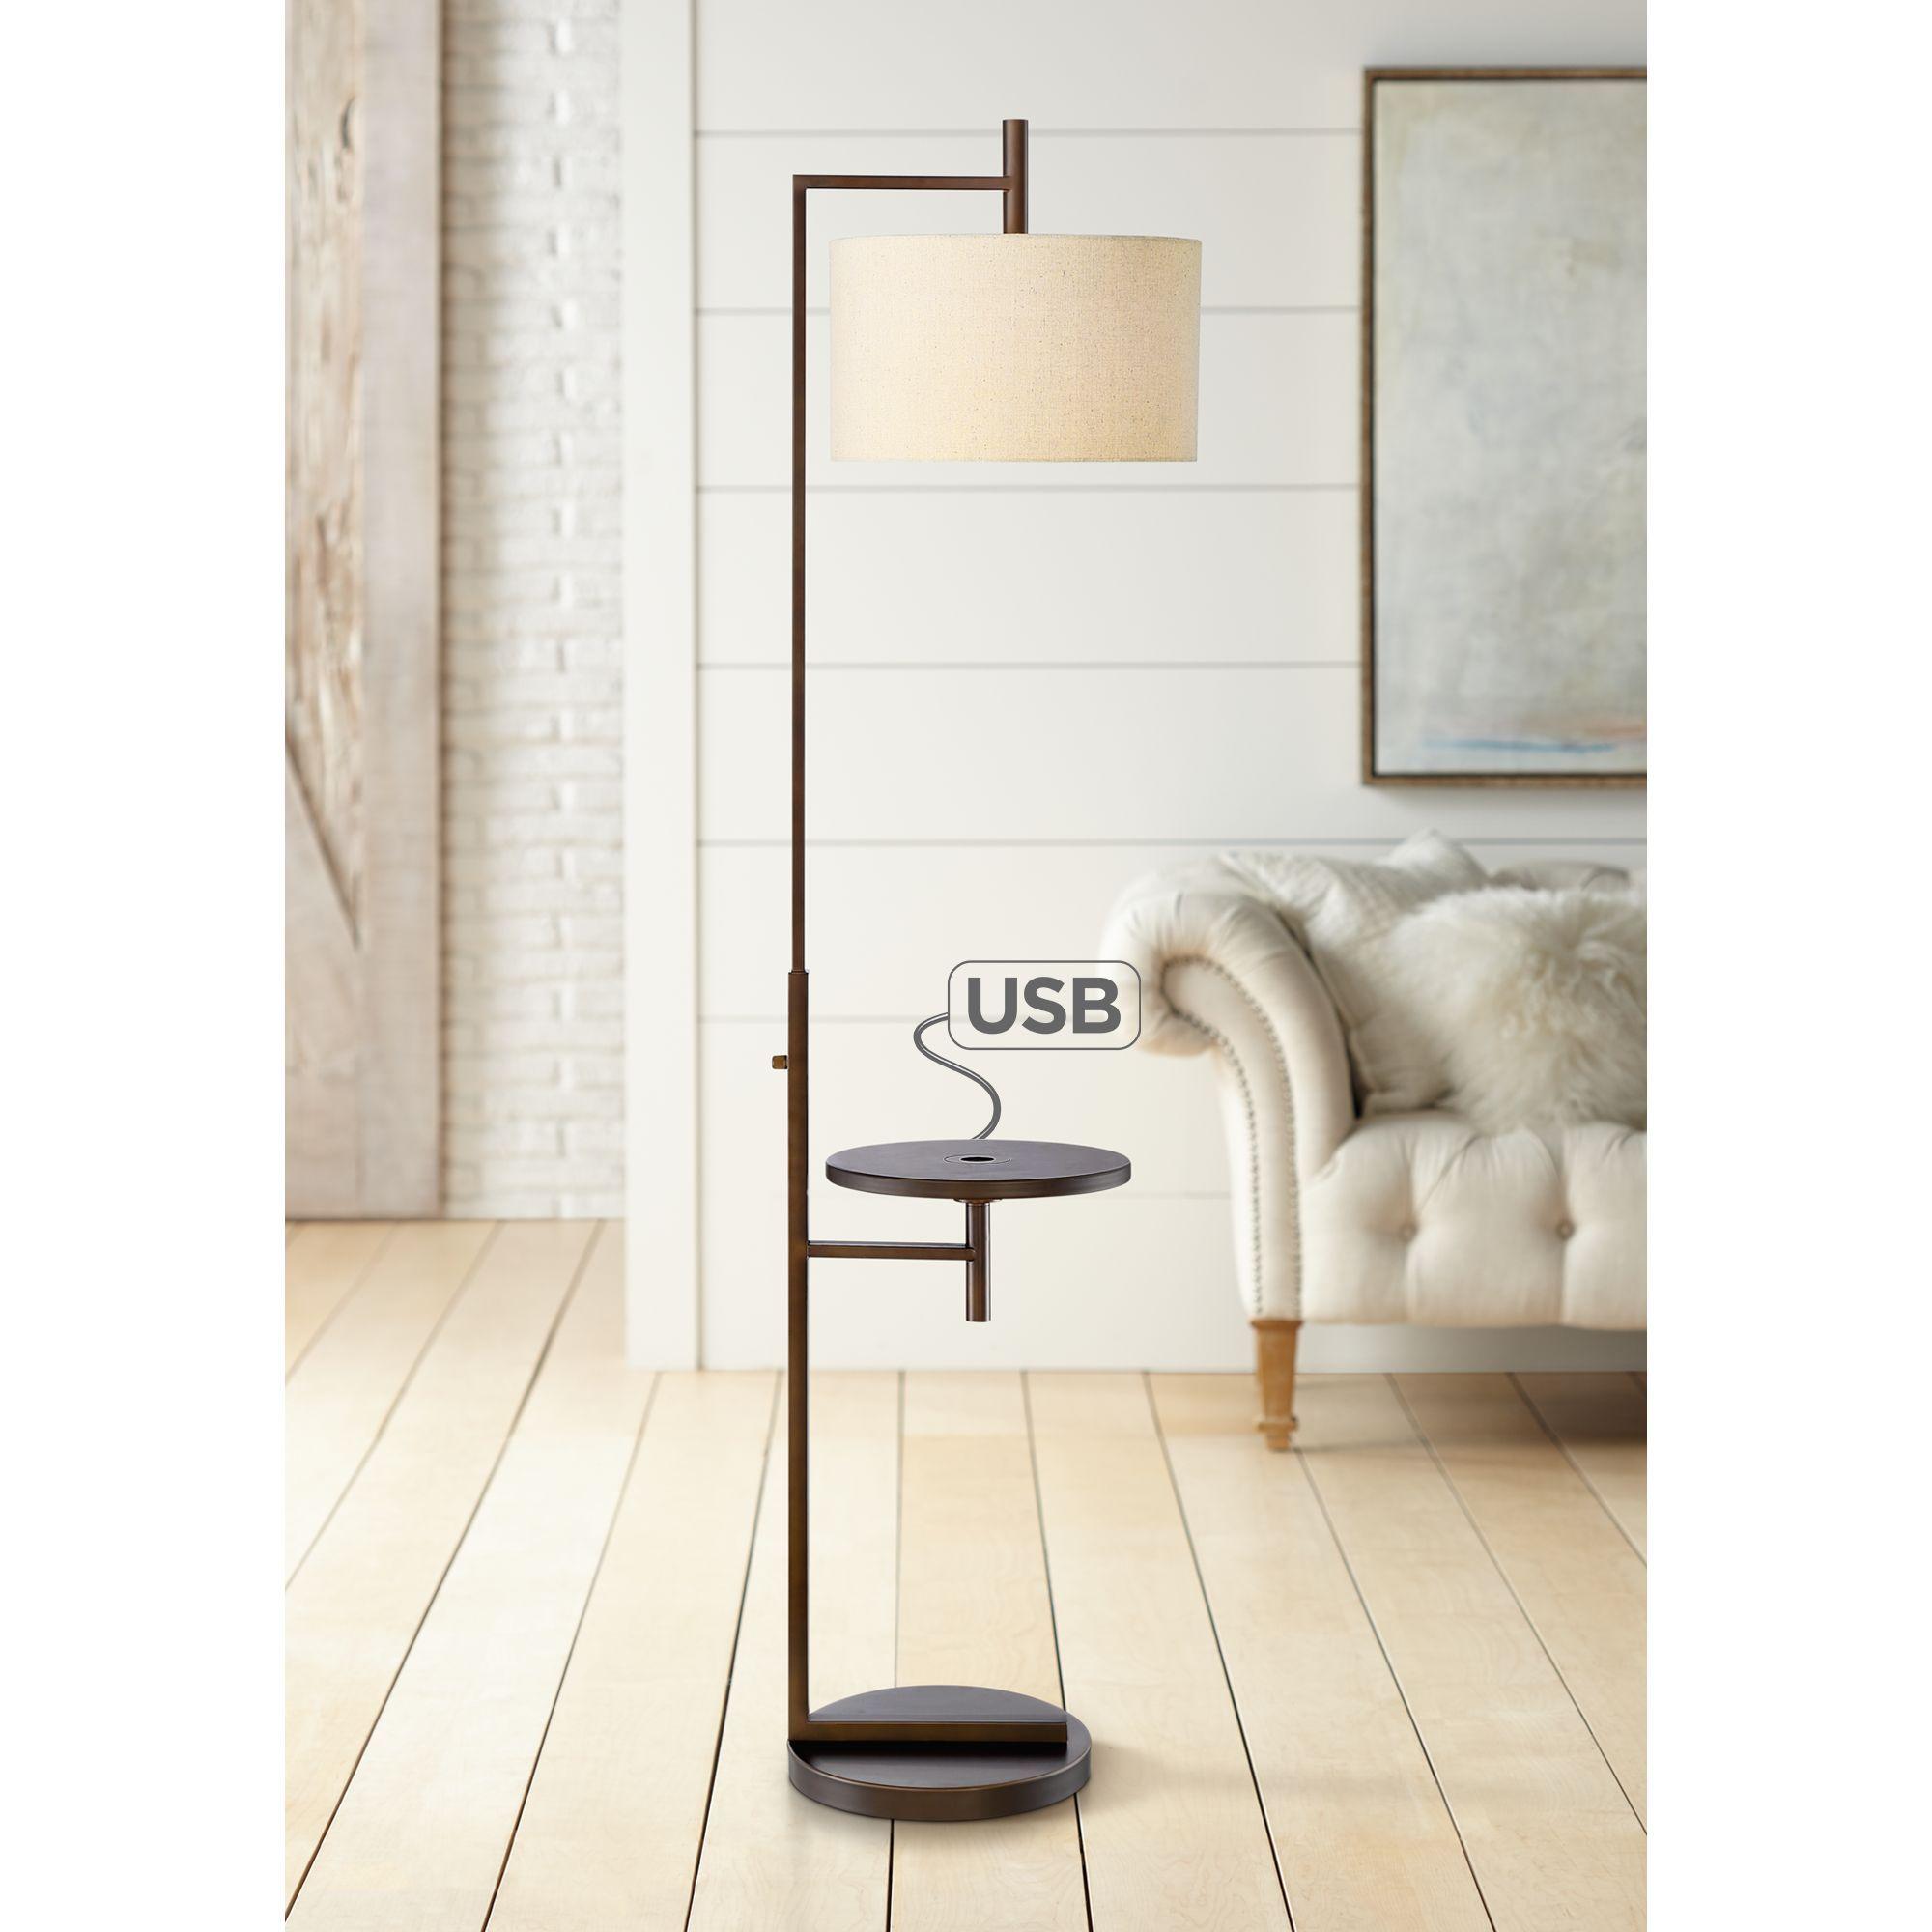 Wood And Metal Granada Floor Lamp With Usb Port And Shelf World Market Floor Lamp With Shelves Floor Lamp Diy Floor Lamp